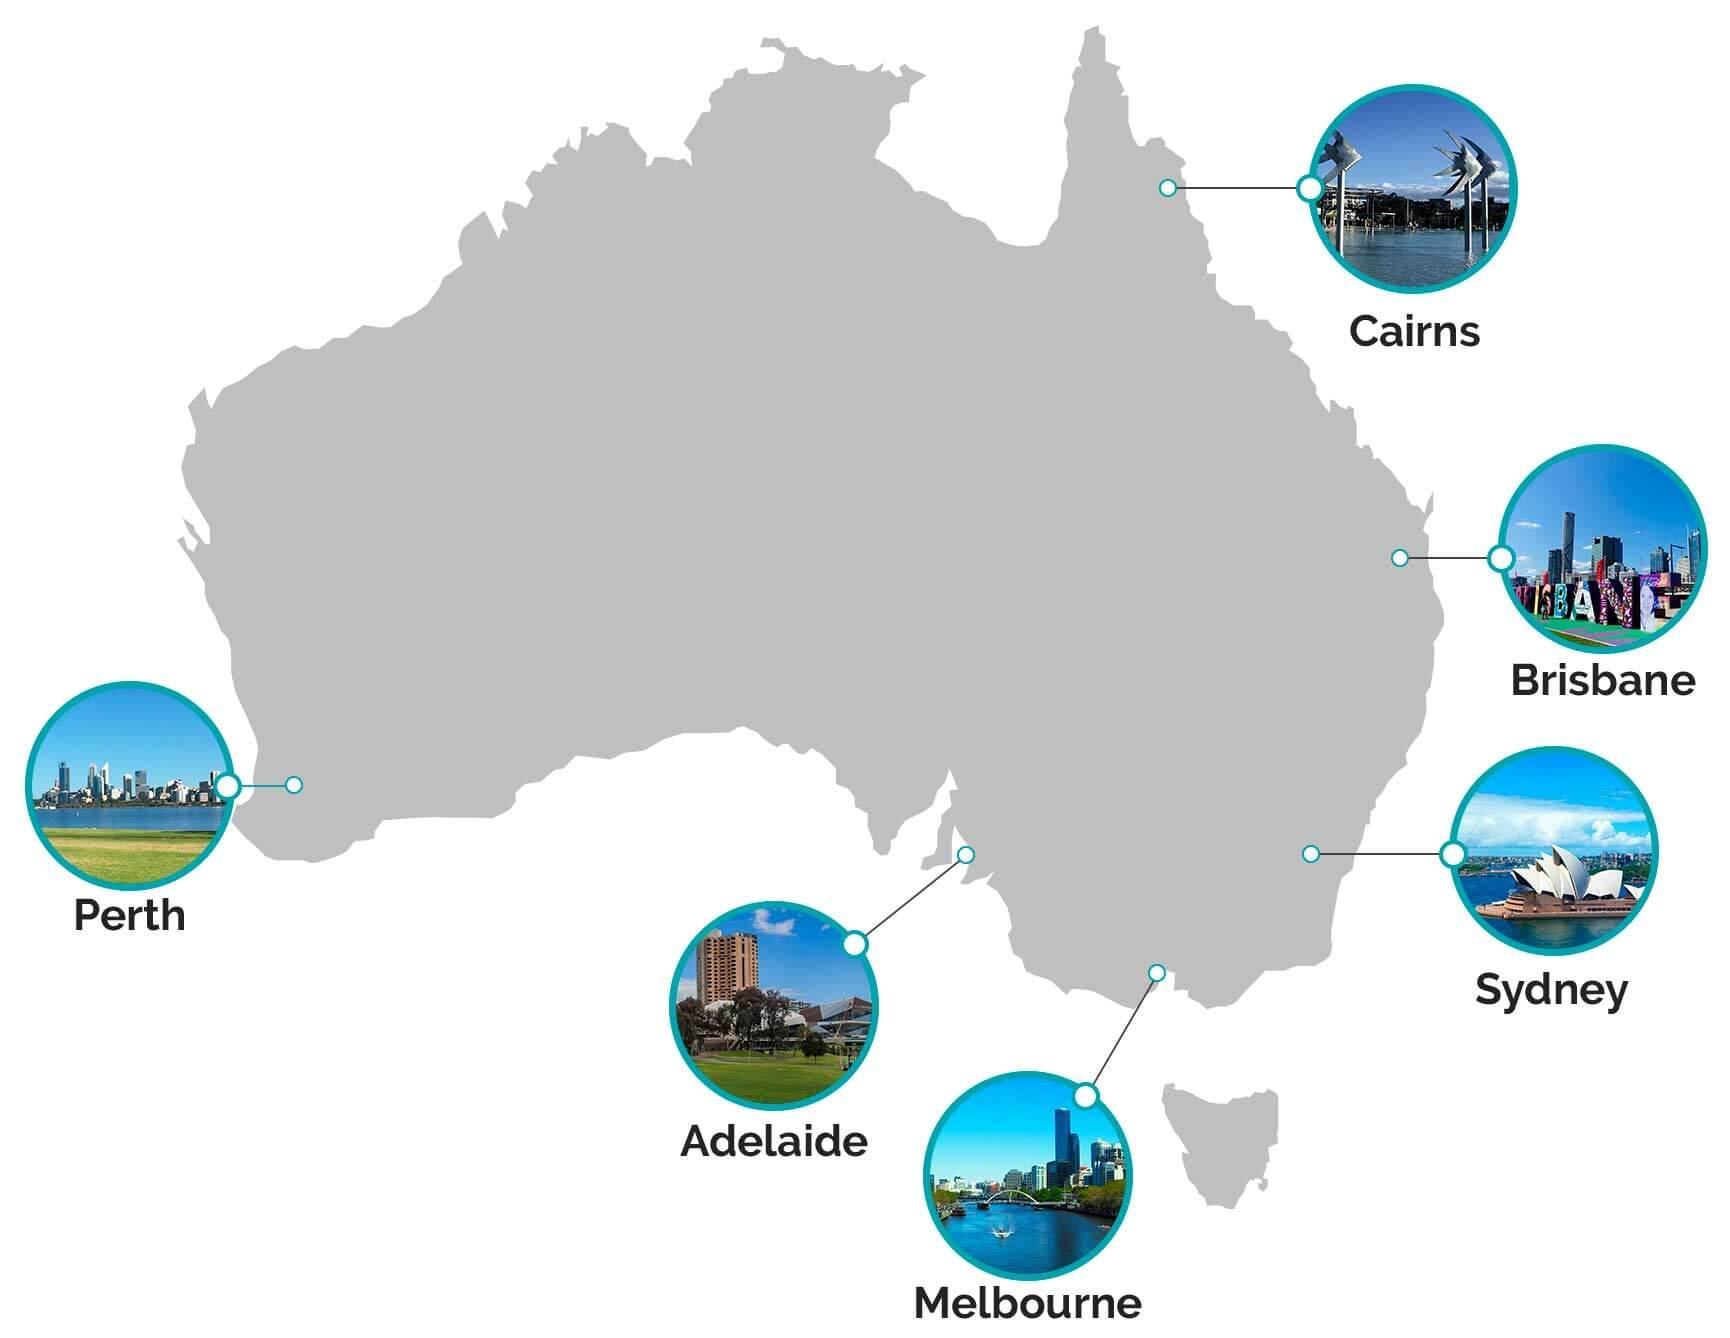 estudiar en australia mapas